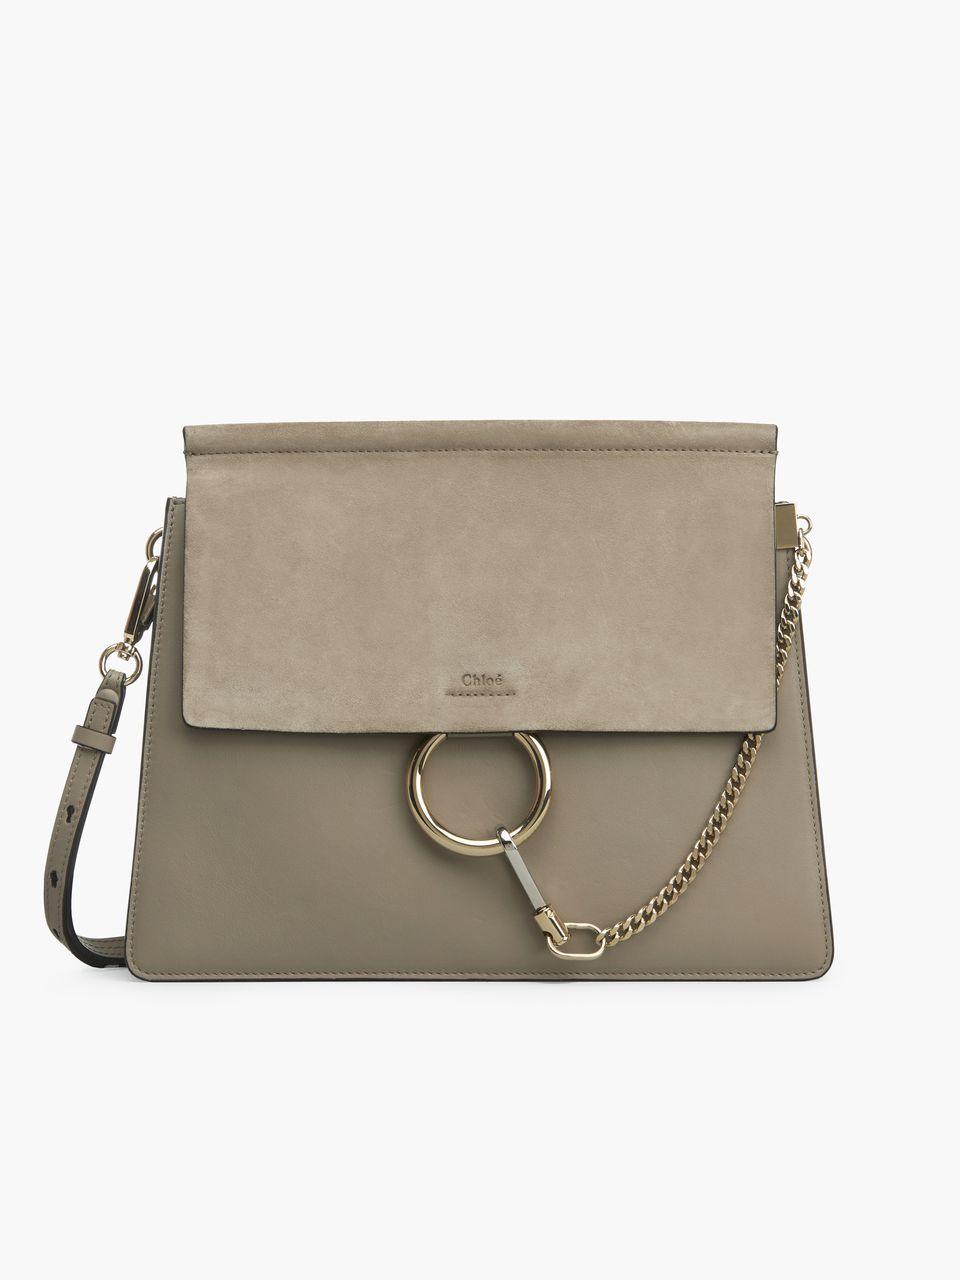 fake chloe bags uk - Chlo�� Faye Shoulder Bag, Women's Bags | Chlo�� Official Website ...